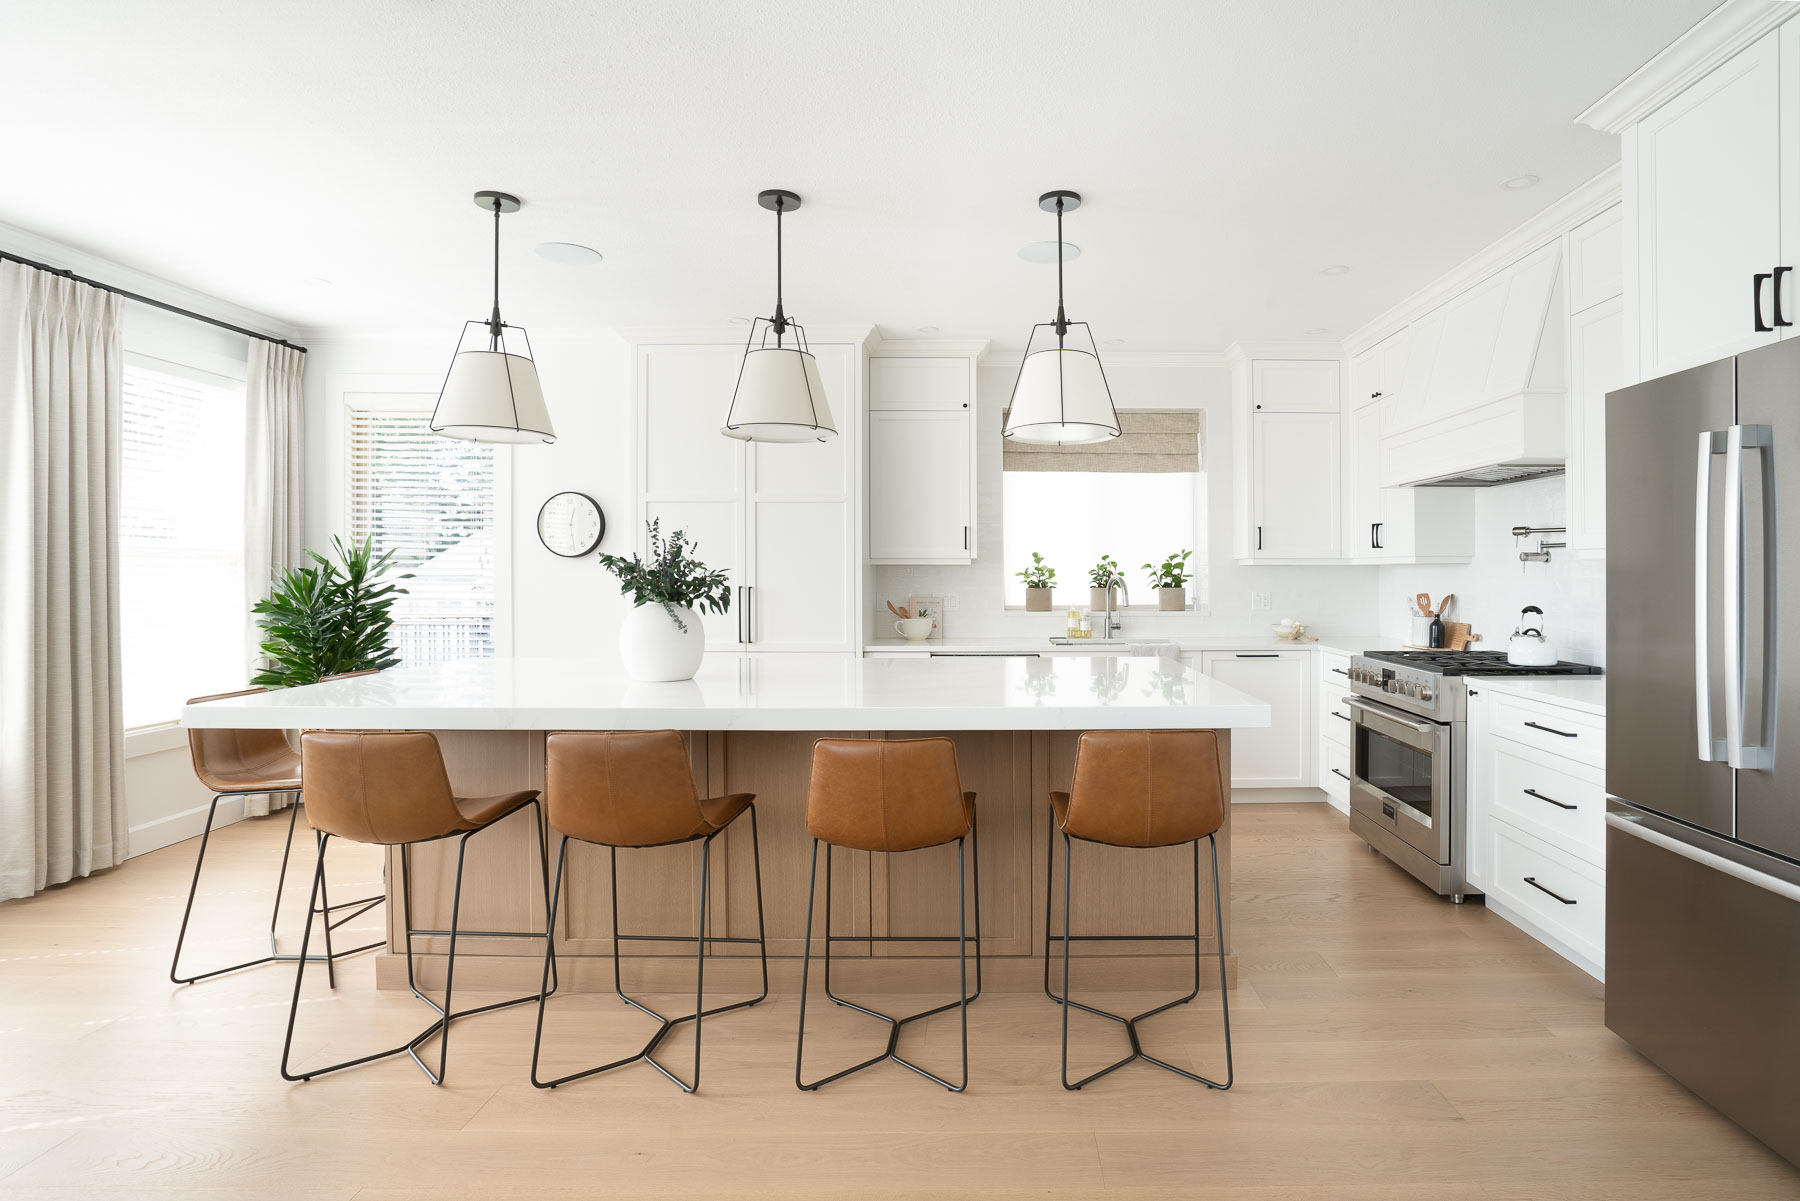 Port Moody bright kitchen renovation